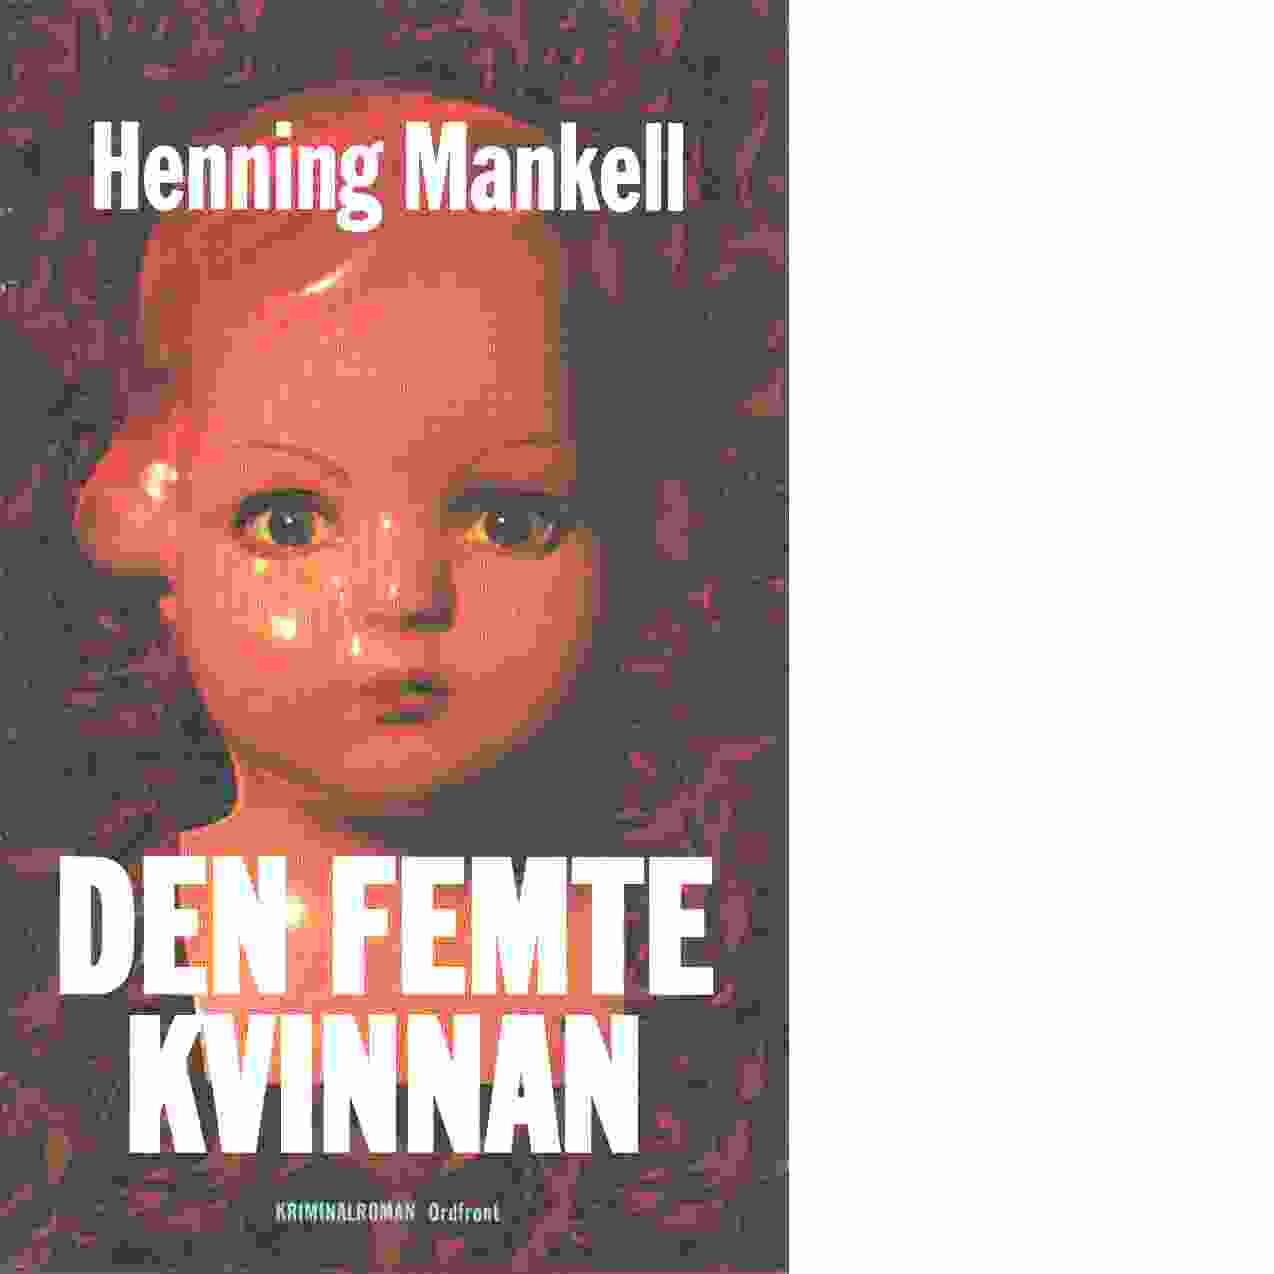 Den femte kvinnan : [kriminalroman] - Mankell, Henning